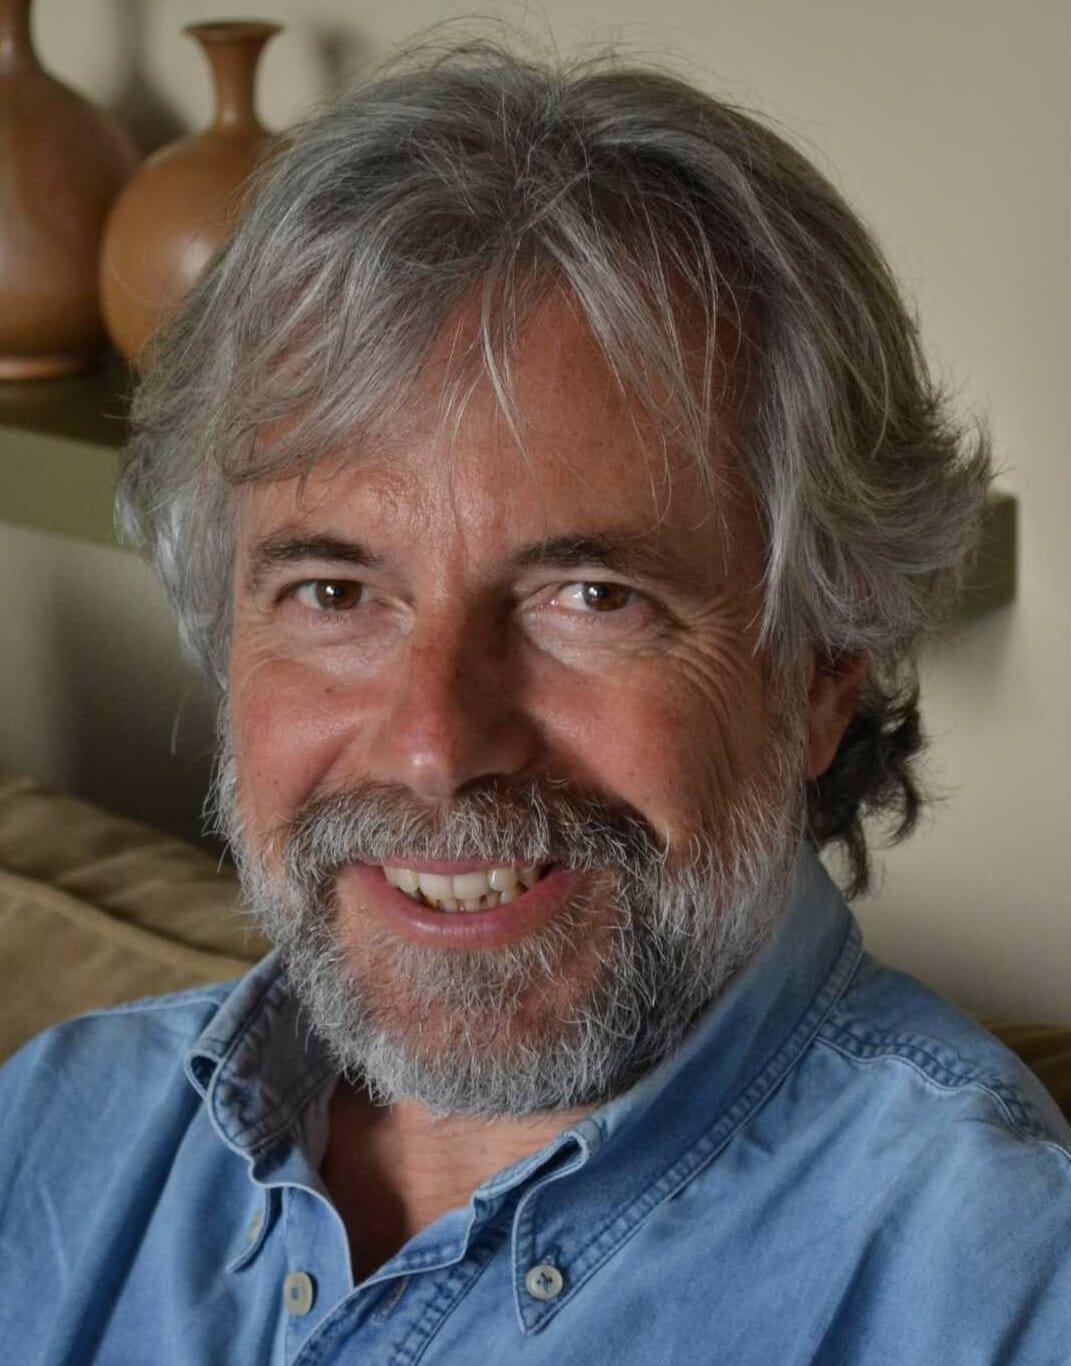 Benoit Hanquet